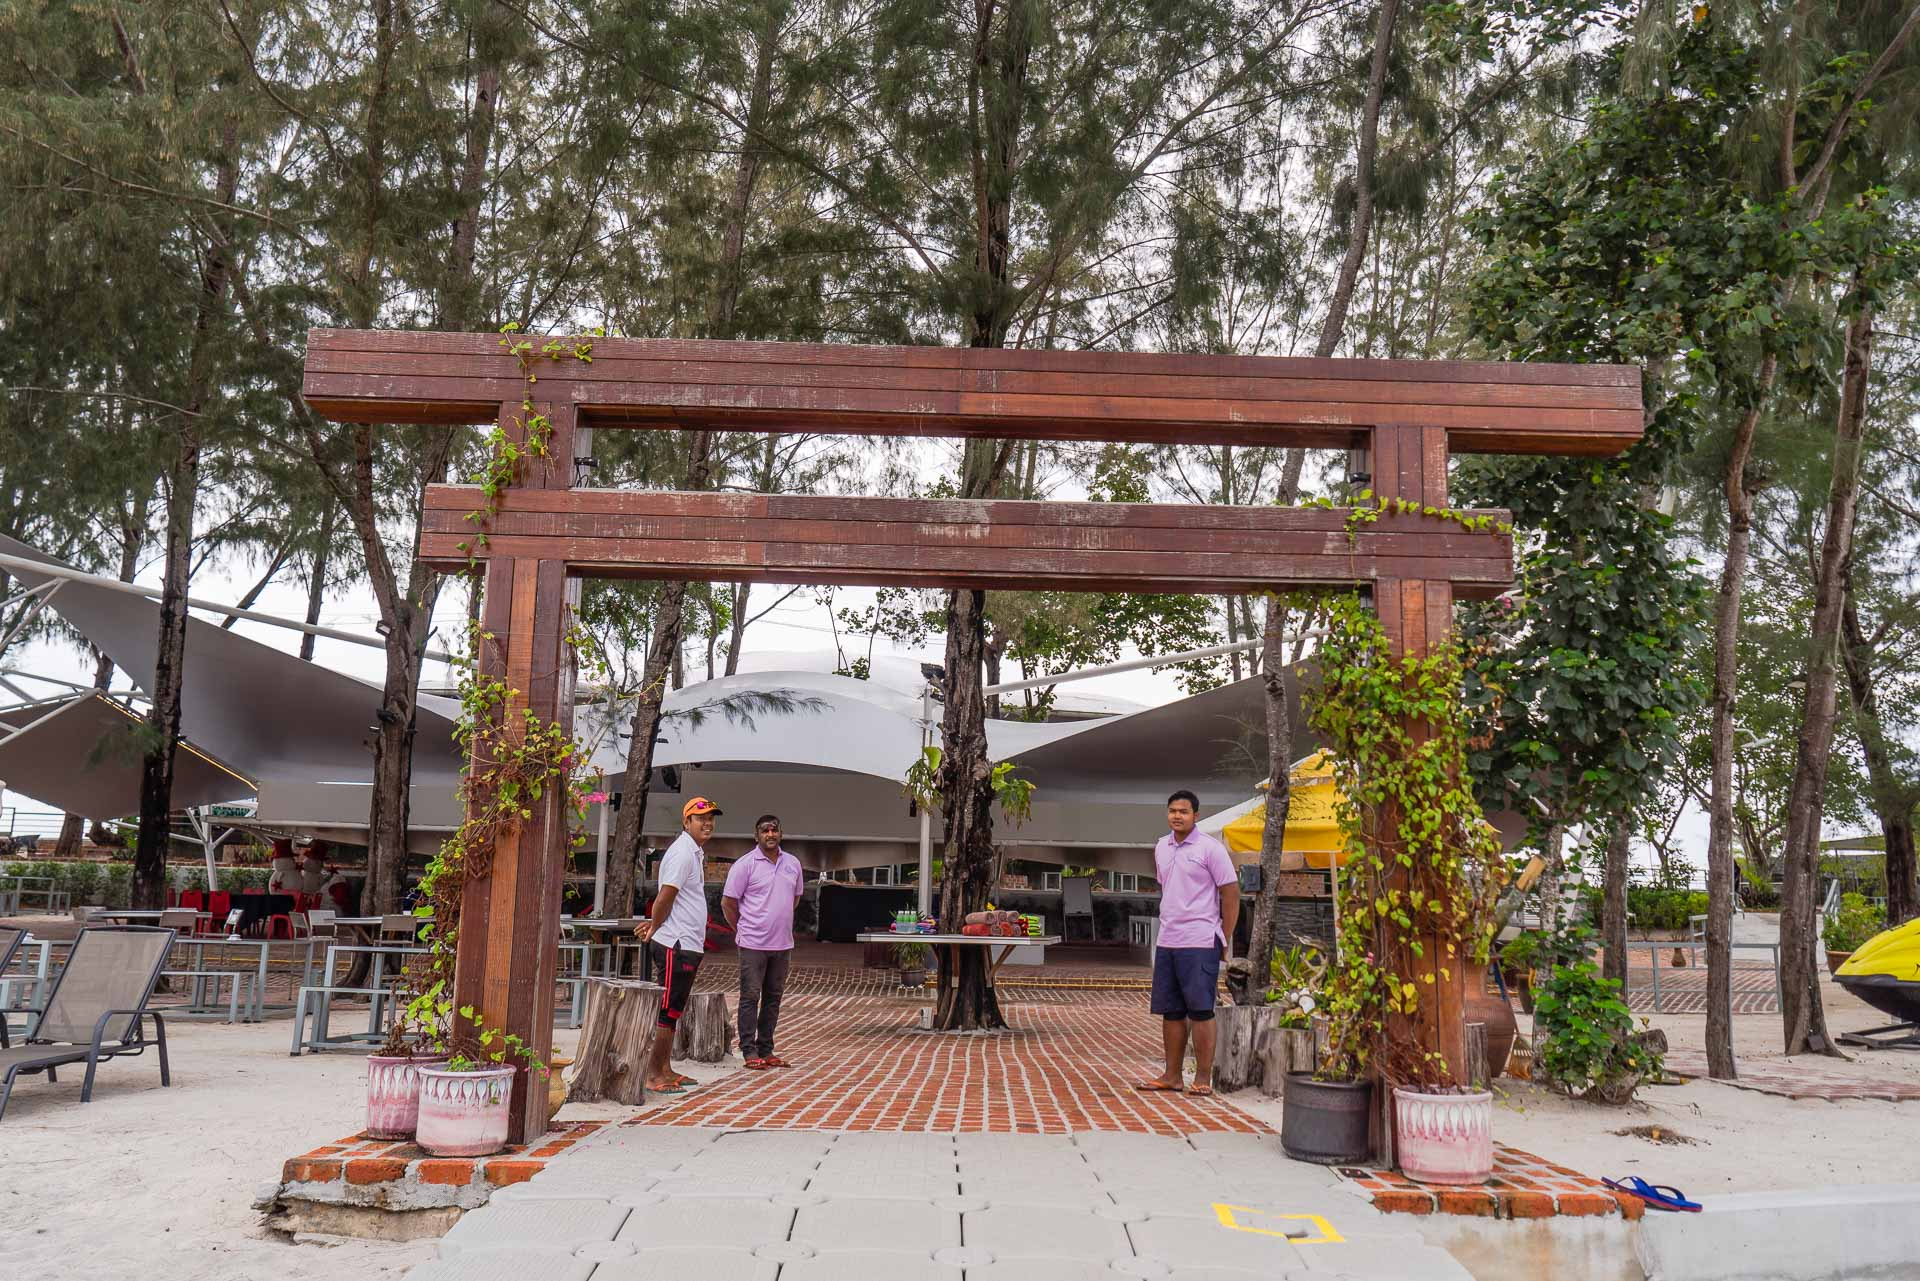 Testé par Les Voyageuses : Ile privée Paradise 101 à Langlawi, Malaisie